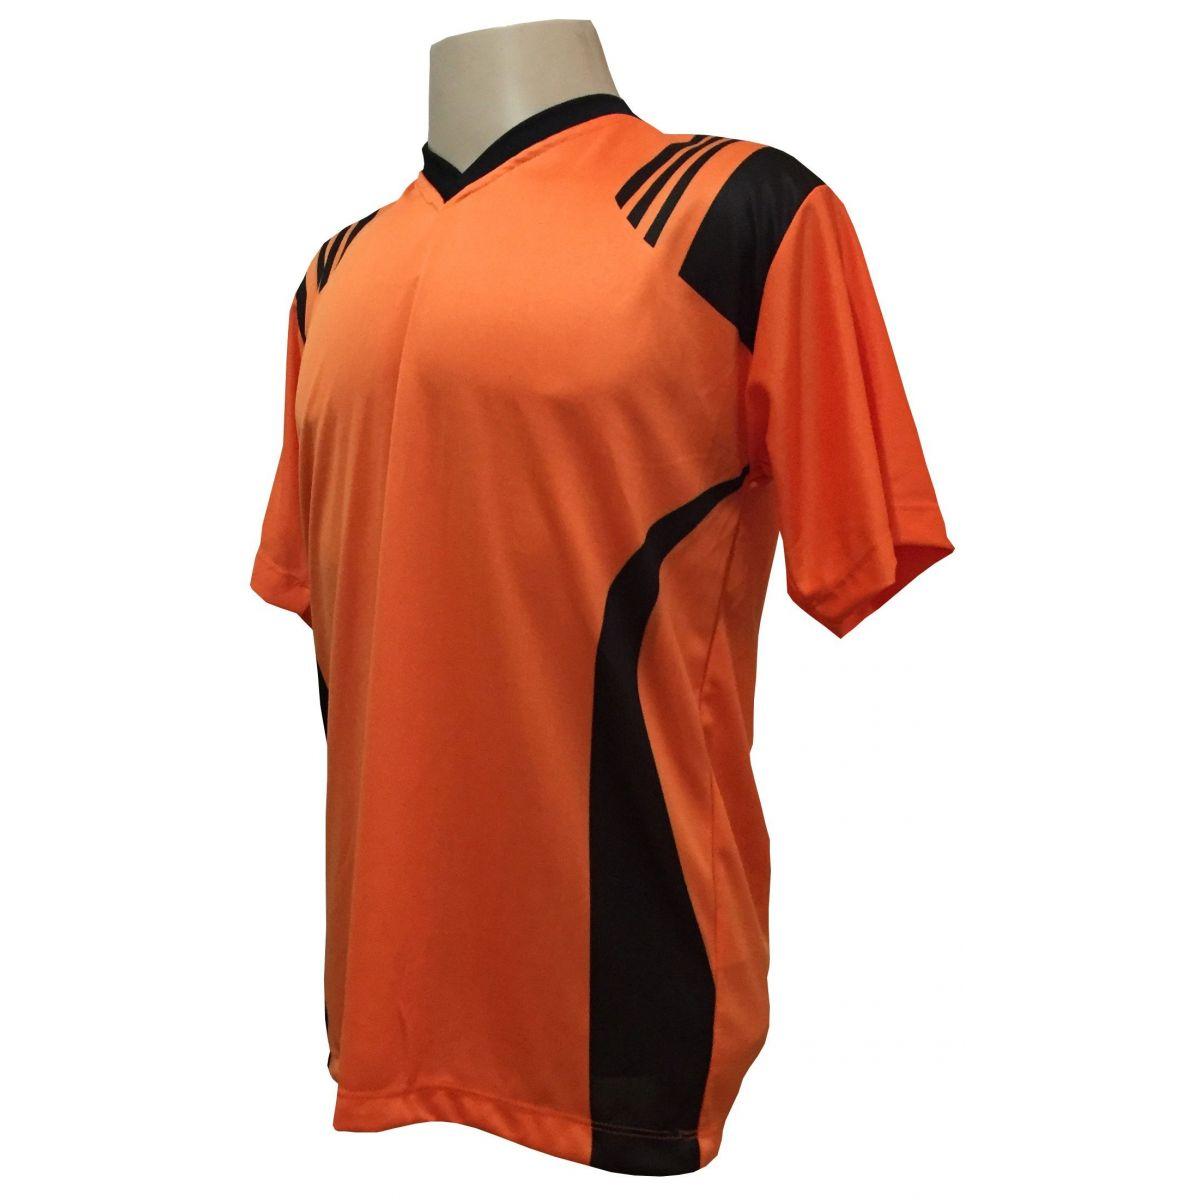 Uniforme Completo modelo Roma 18+2 (18 Camisas Laranja/Preto + 18 Calções Madrid Preto + 18 Pares de Meiões Pretos + 2 Conjuntos de Goleiro) + Brindes